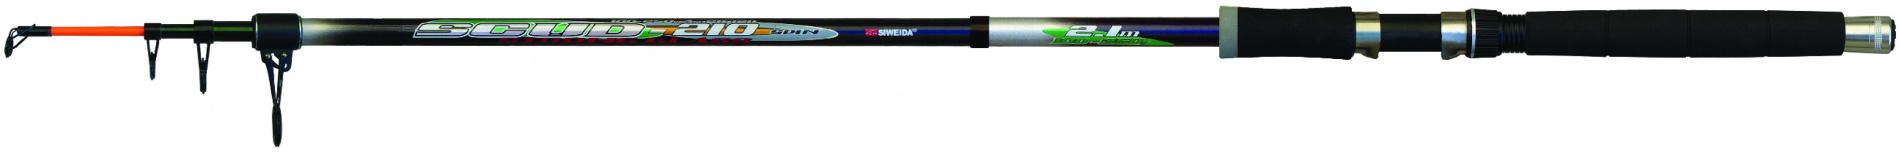 Спиннинг тел. SWD Scud 2,4м (150-300г) (скл. кольцо,чехол)Спинниги<br>Мощный телескопический спиннинг 2,4м тест <br>150-300г изготовленный из стеклопластика. <br>Мощный бланк позволяет далеко забрасывать <br>тяжелые приманки и кормушки. Может использоваться <br>как донная удочка. Наличие последнего складного <br>кольца снижает вероятность повреждения <br>спиннинга при транспортировке. Комплектуется <br>чехлом.<br>